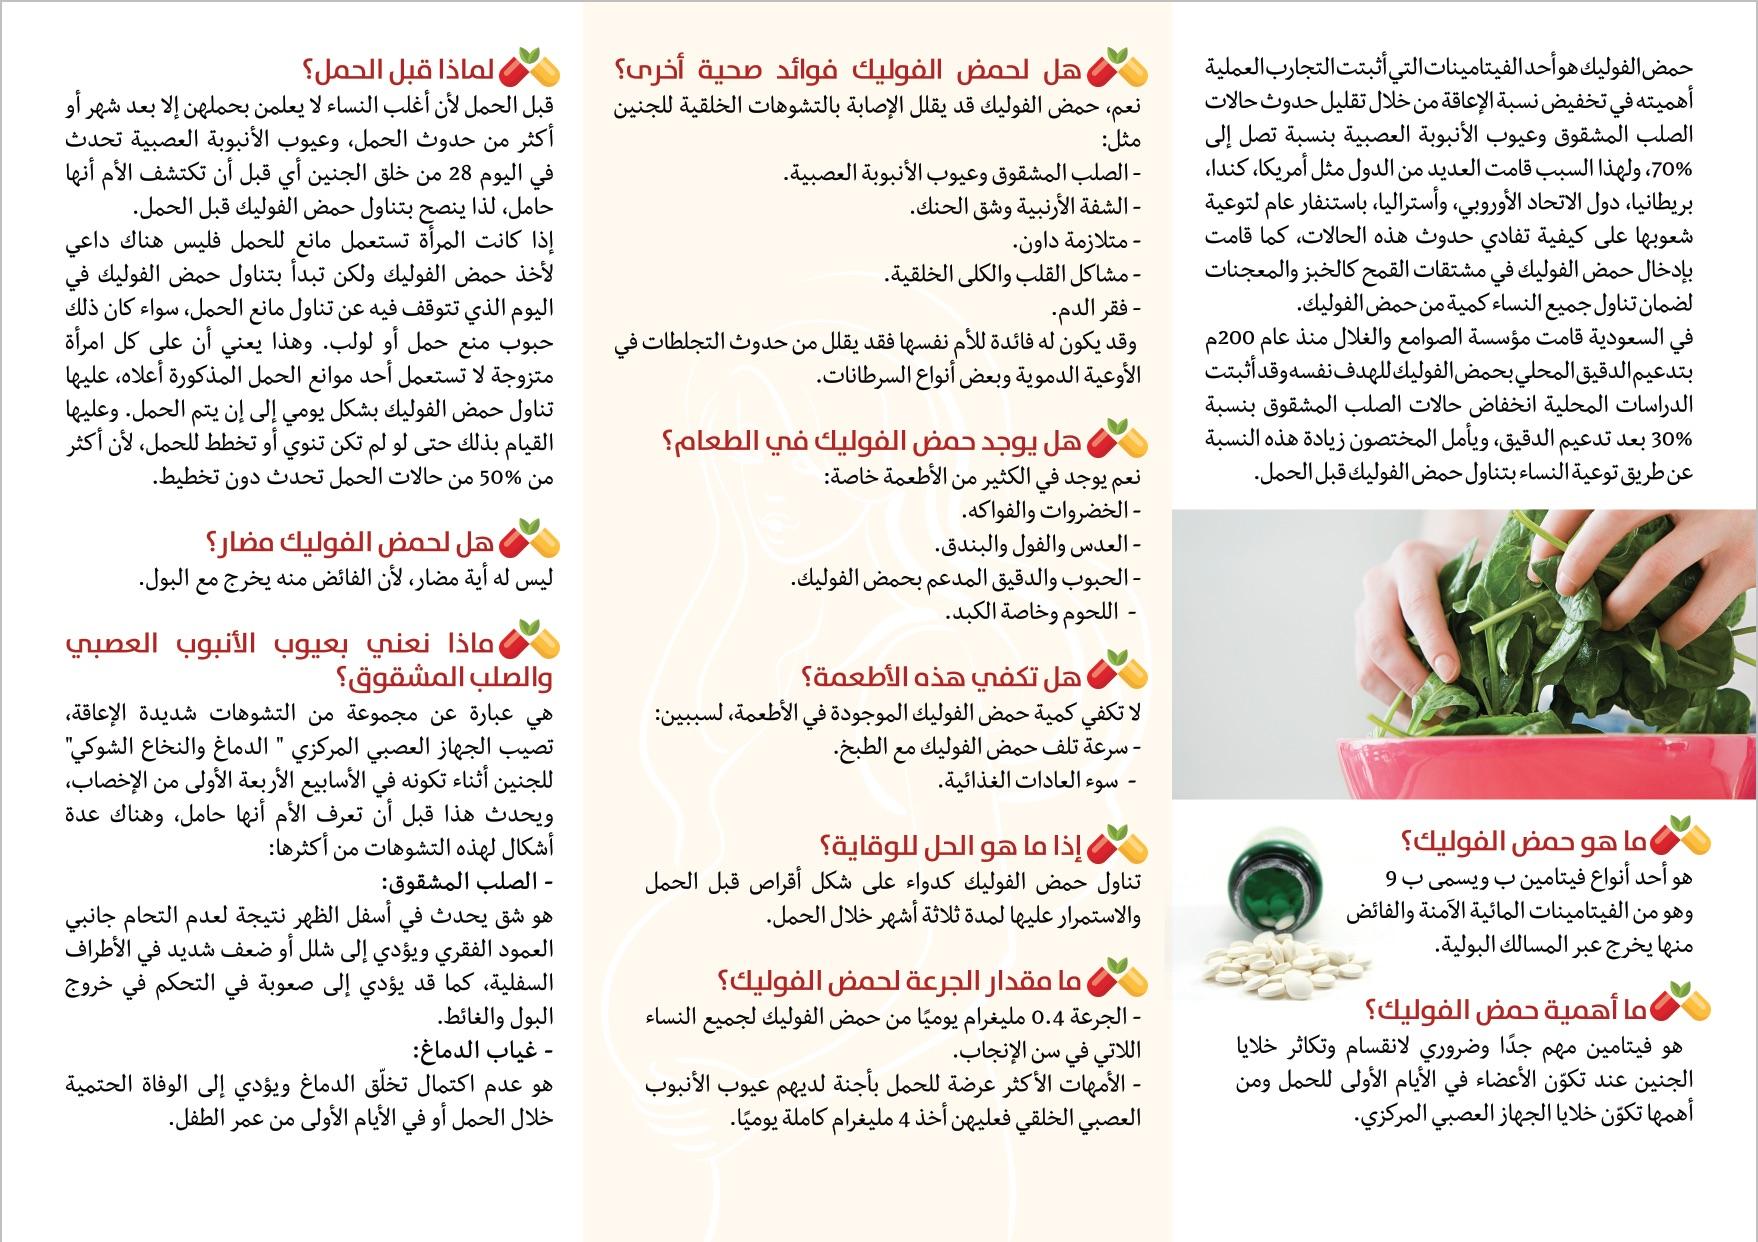 مواد حملة اليوم العالمي للوقاية من التشوهات الخلقية